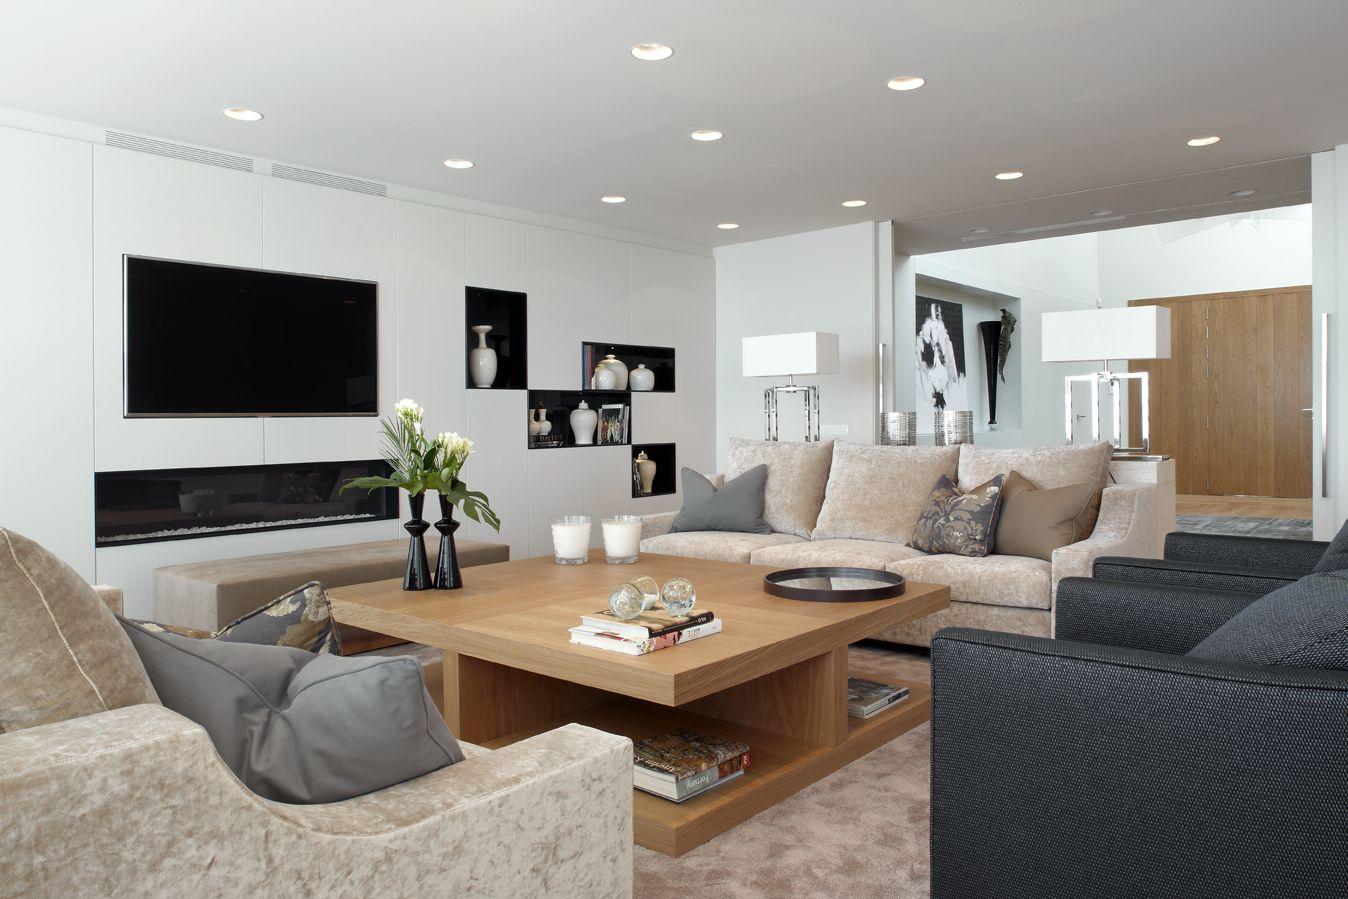 Molins interiors arquitectura interior interiorismo - Interiorismo salones ...